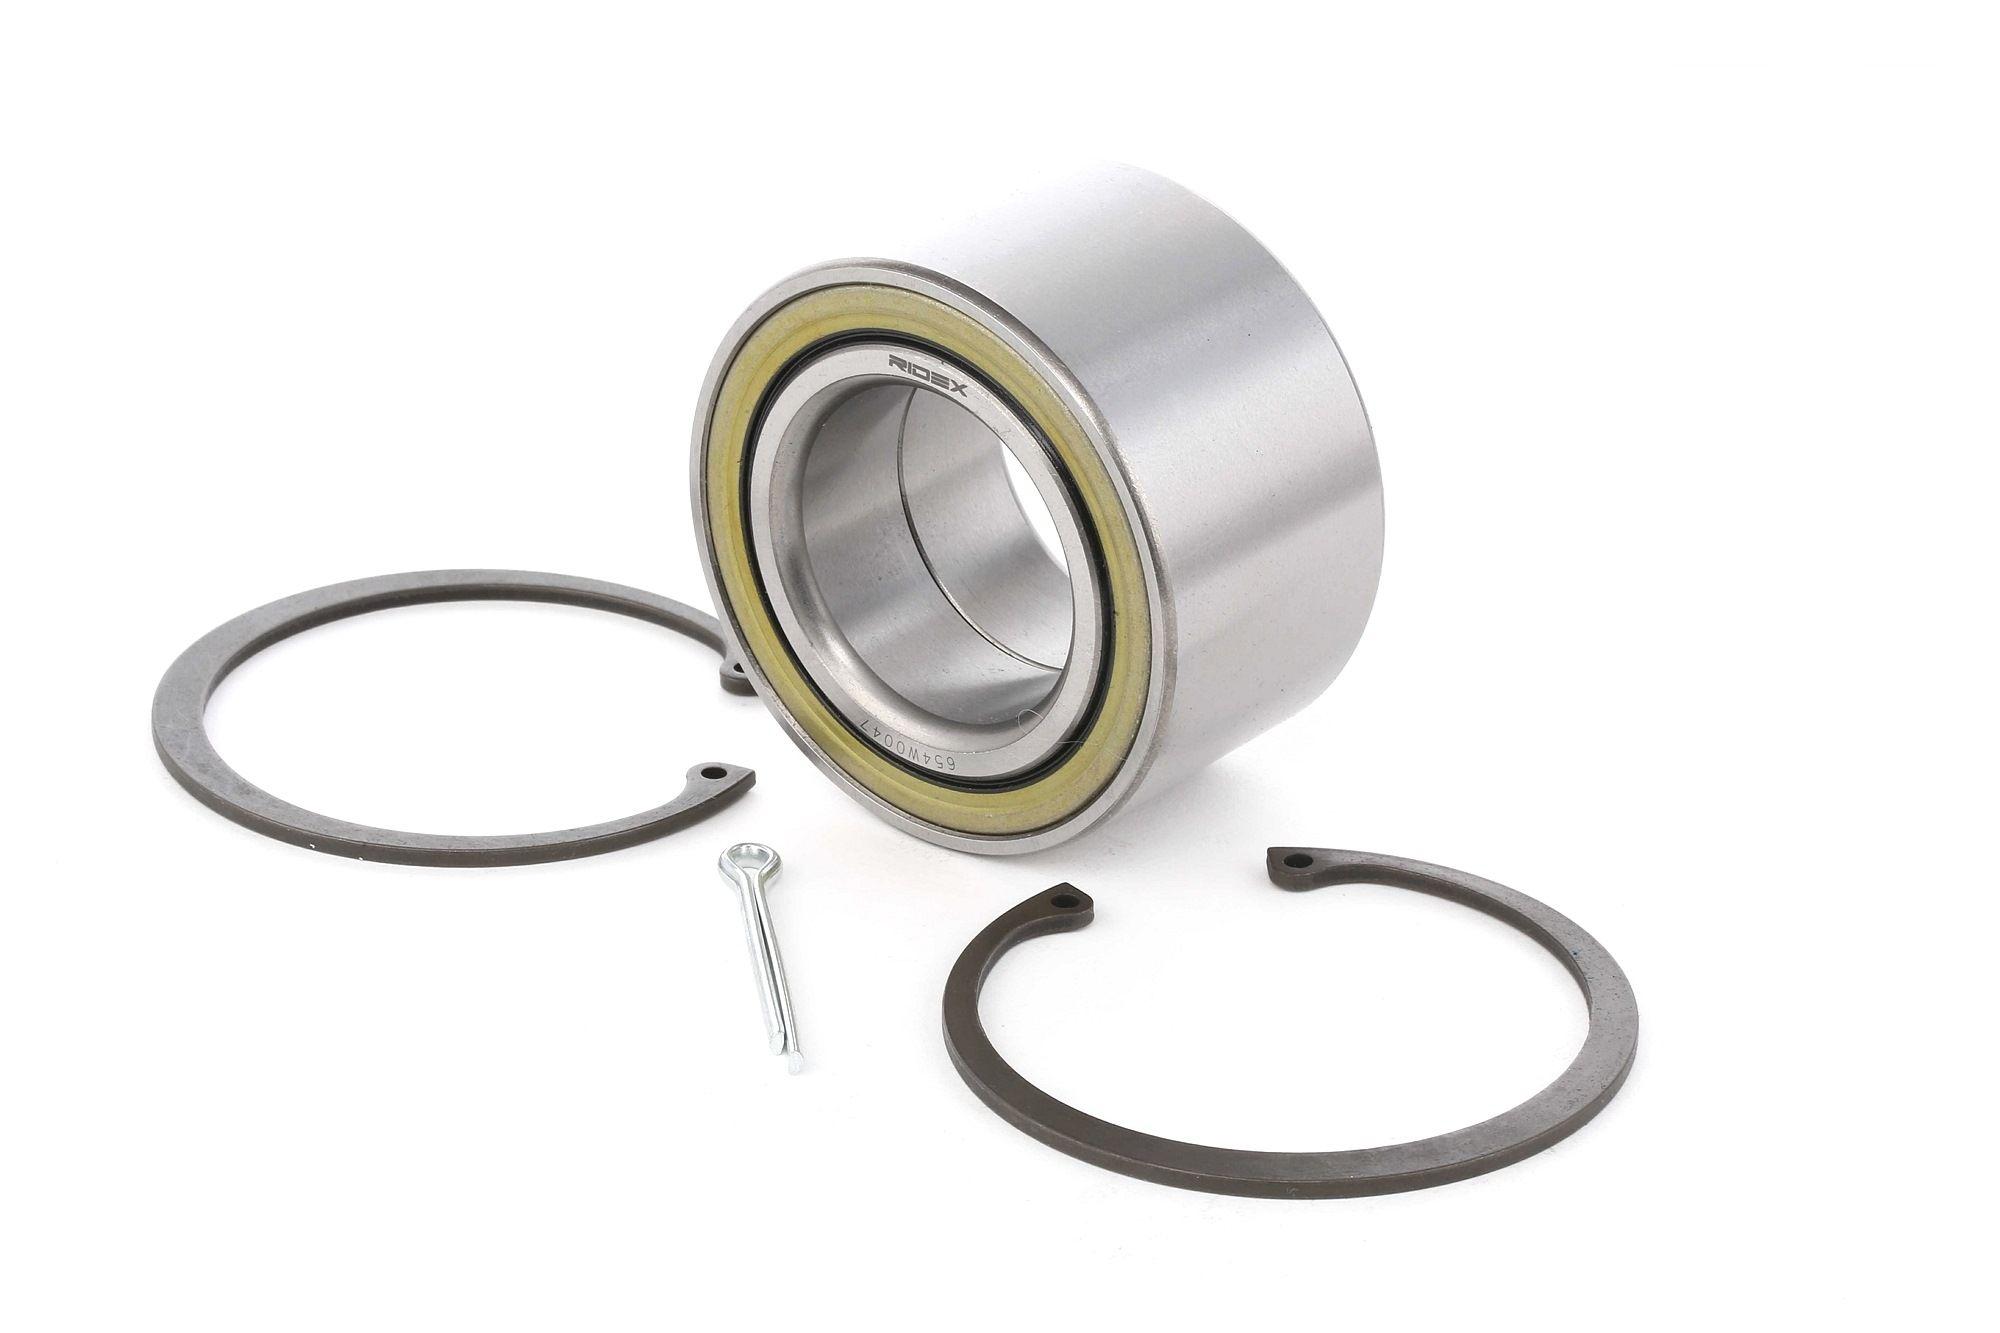 Radlager & Radlagersatz RIDEX 654W0047 Bewertung